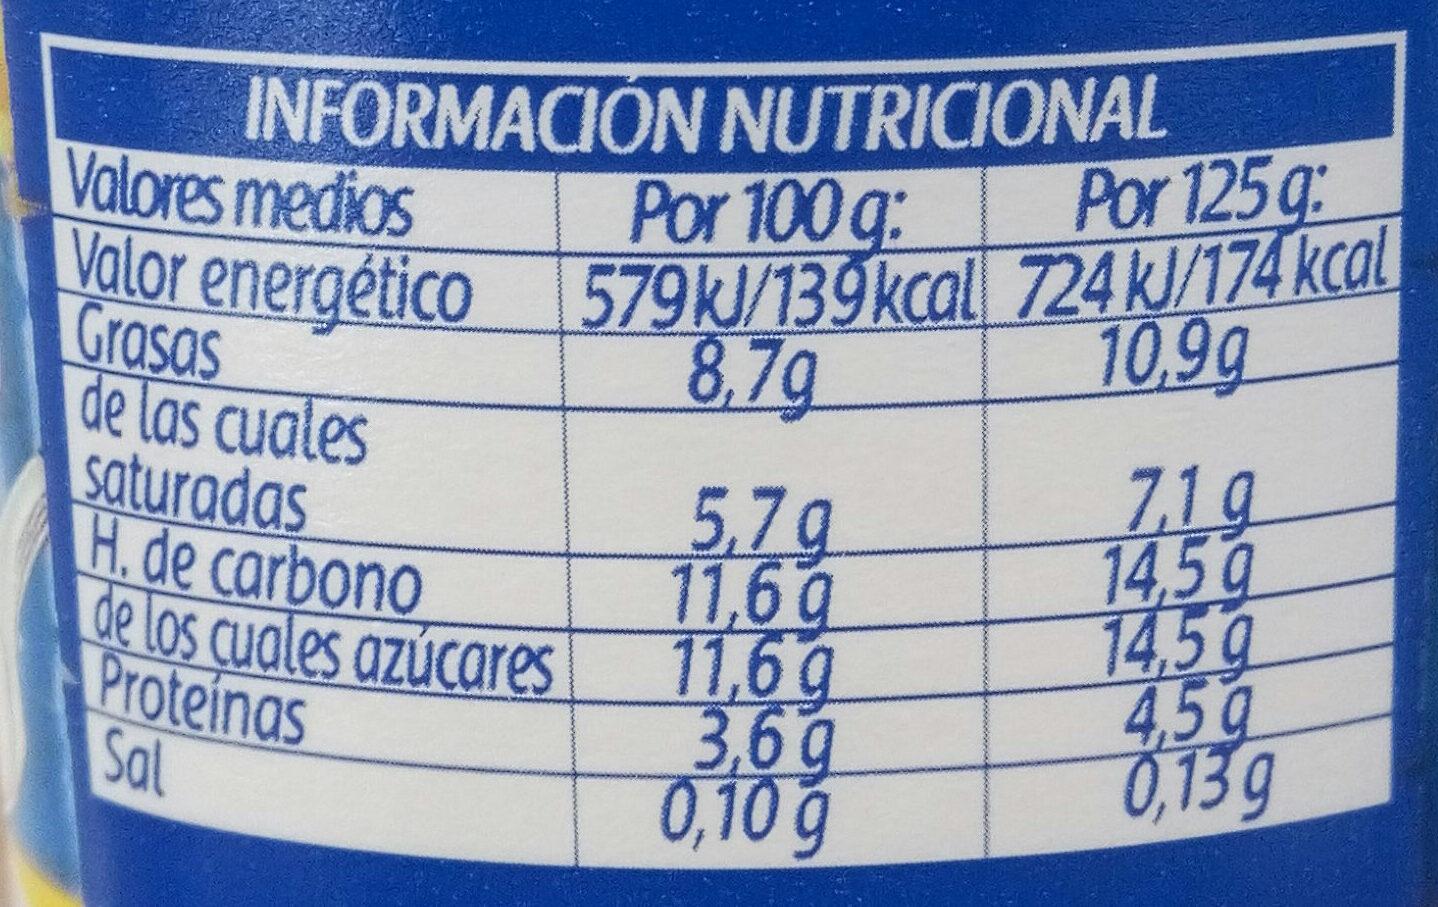 Yogur al estilo griego azucardo - Voedingswaarden - es